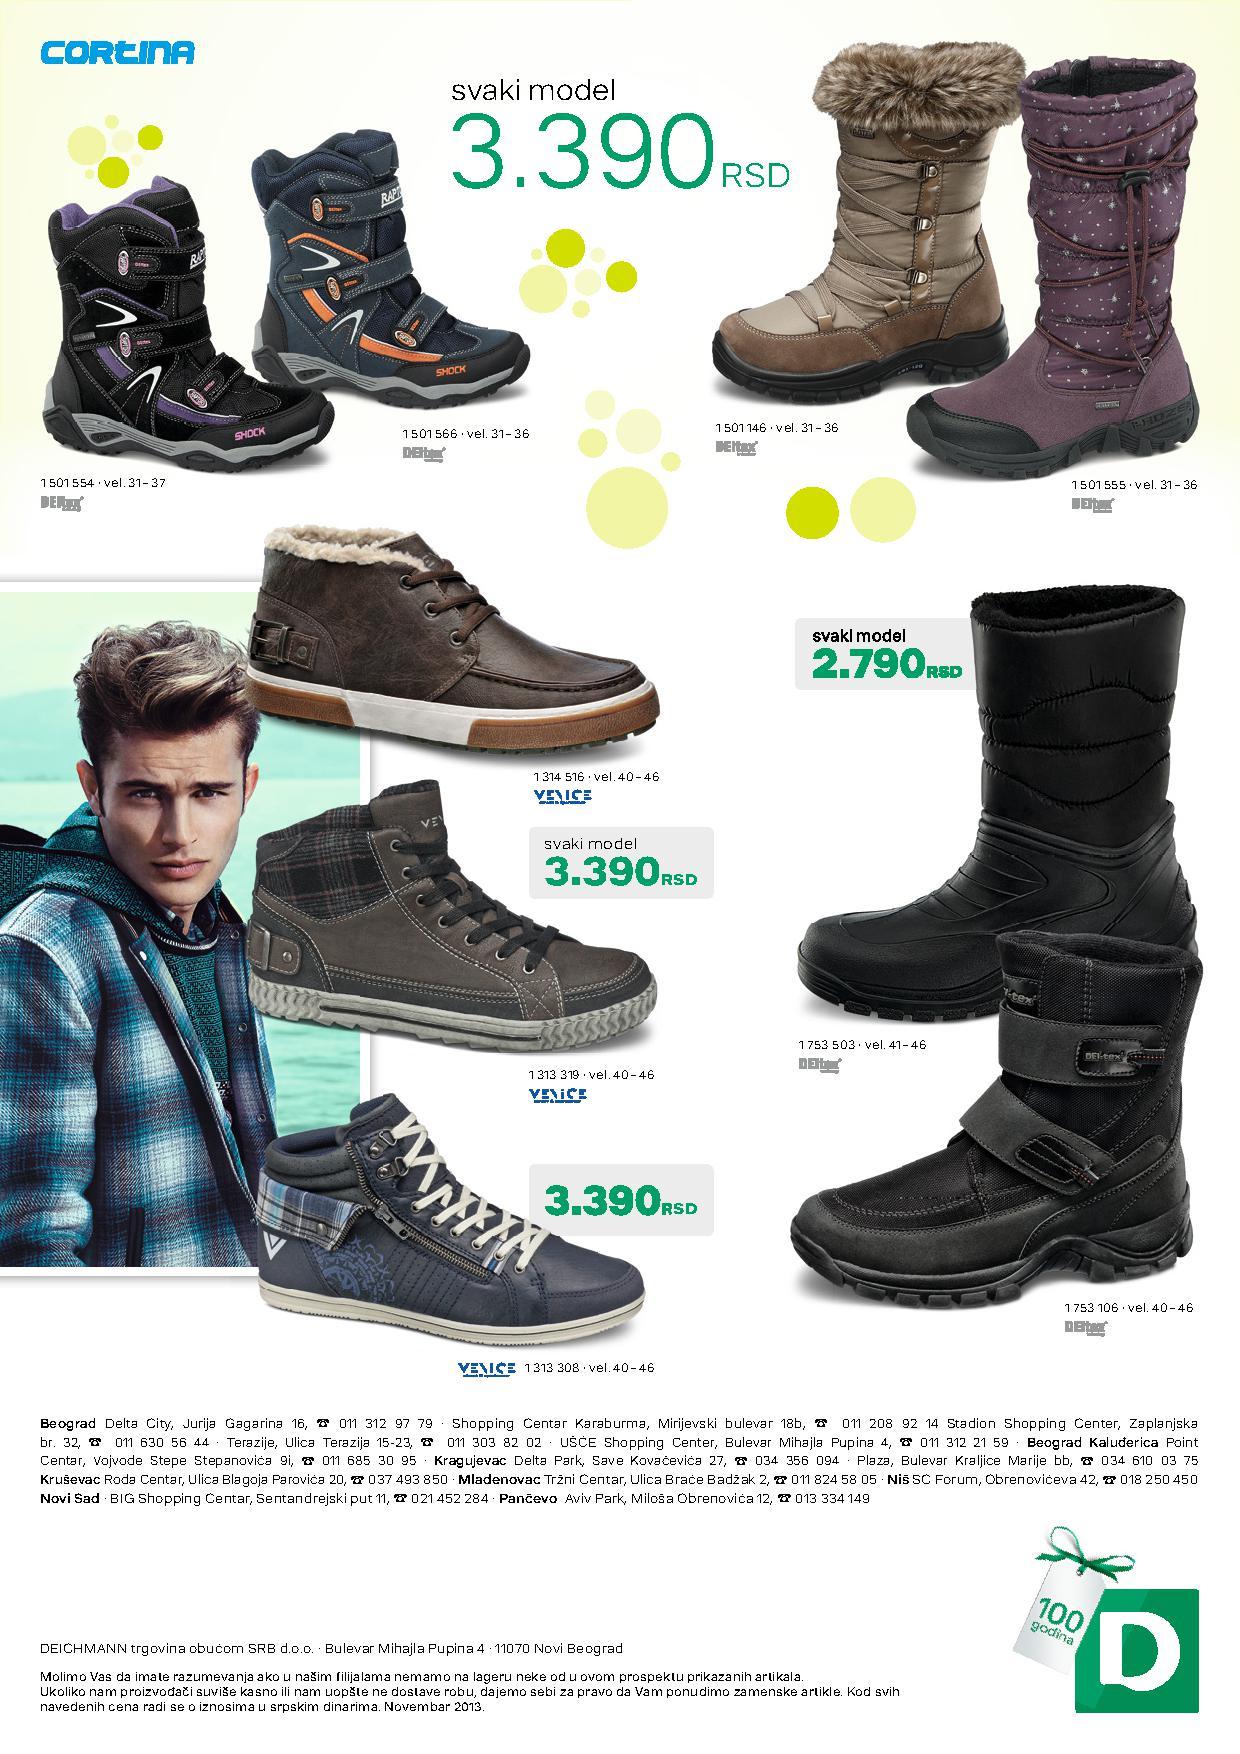 Deichmann katalog najbolja ponuda obuće za vas